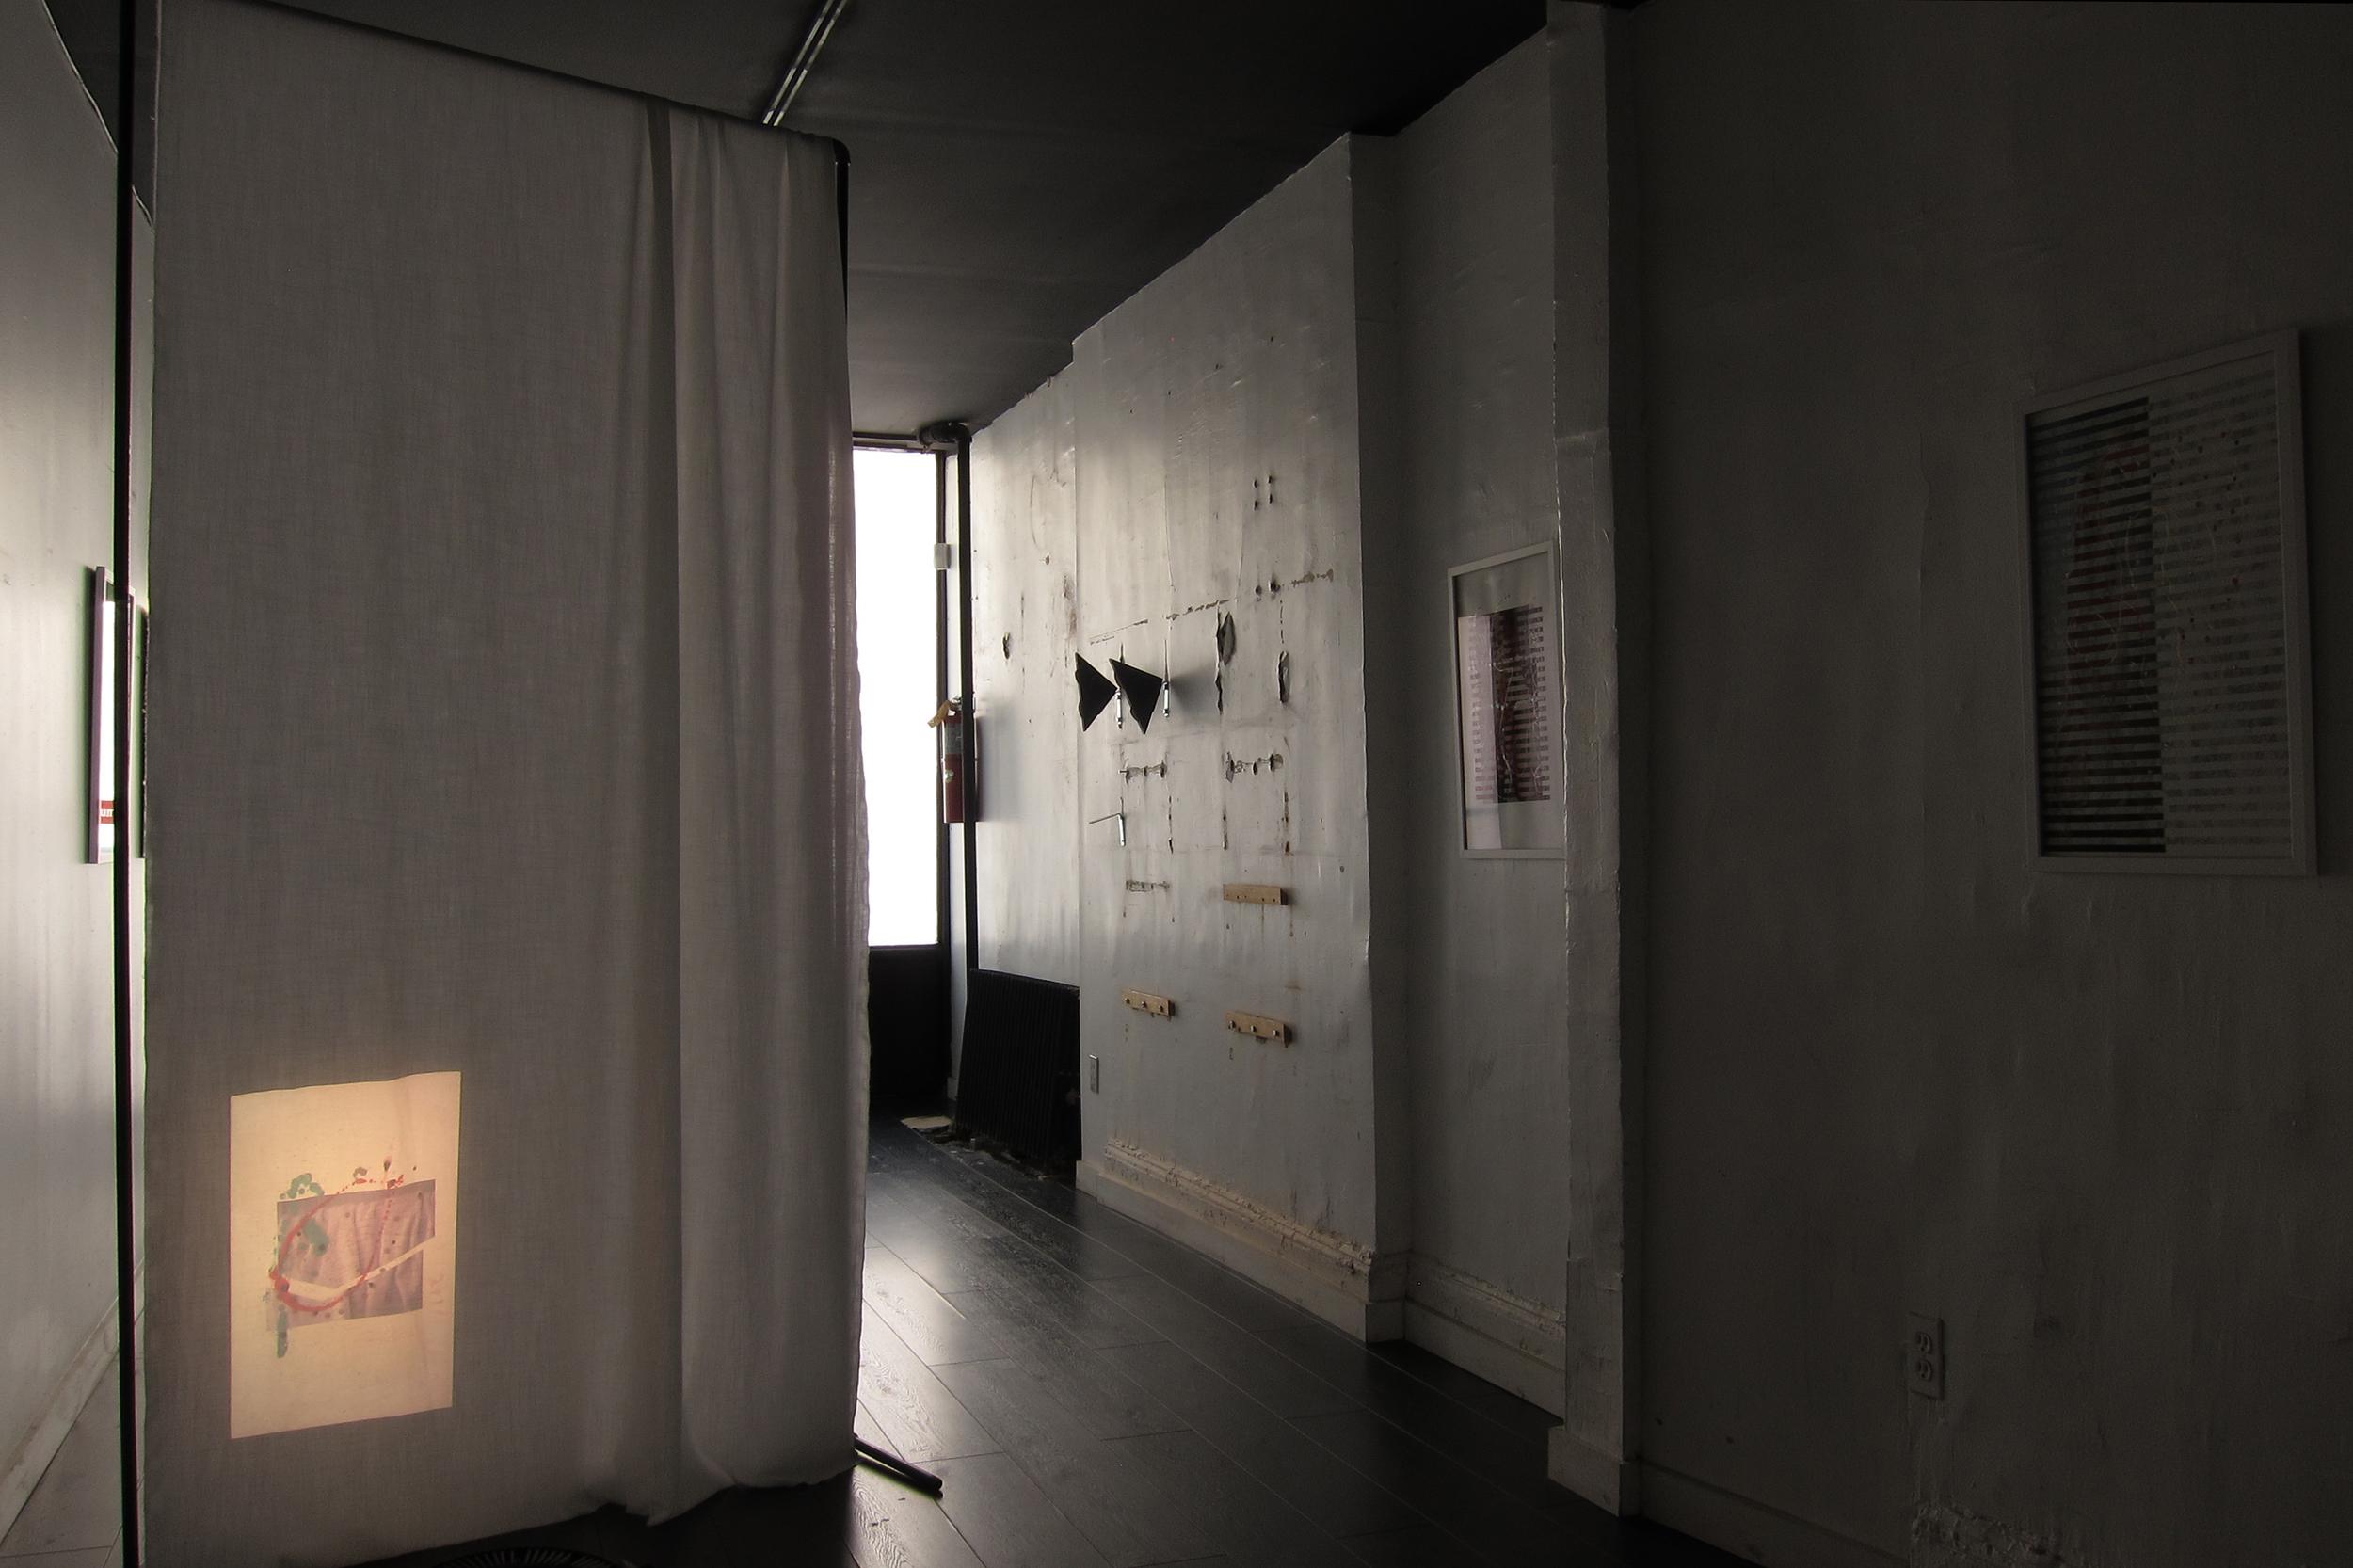 Starschnitt, Kai Matsumiya Gallery, Photo by Markues_09.jpg